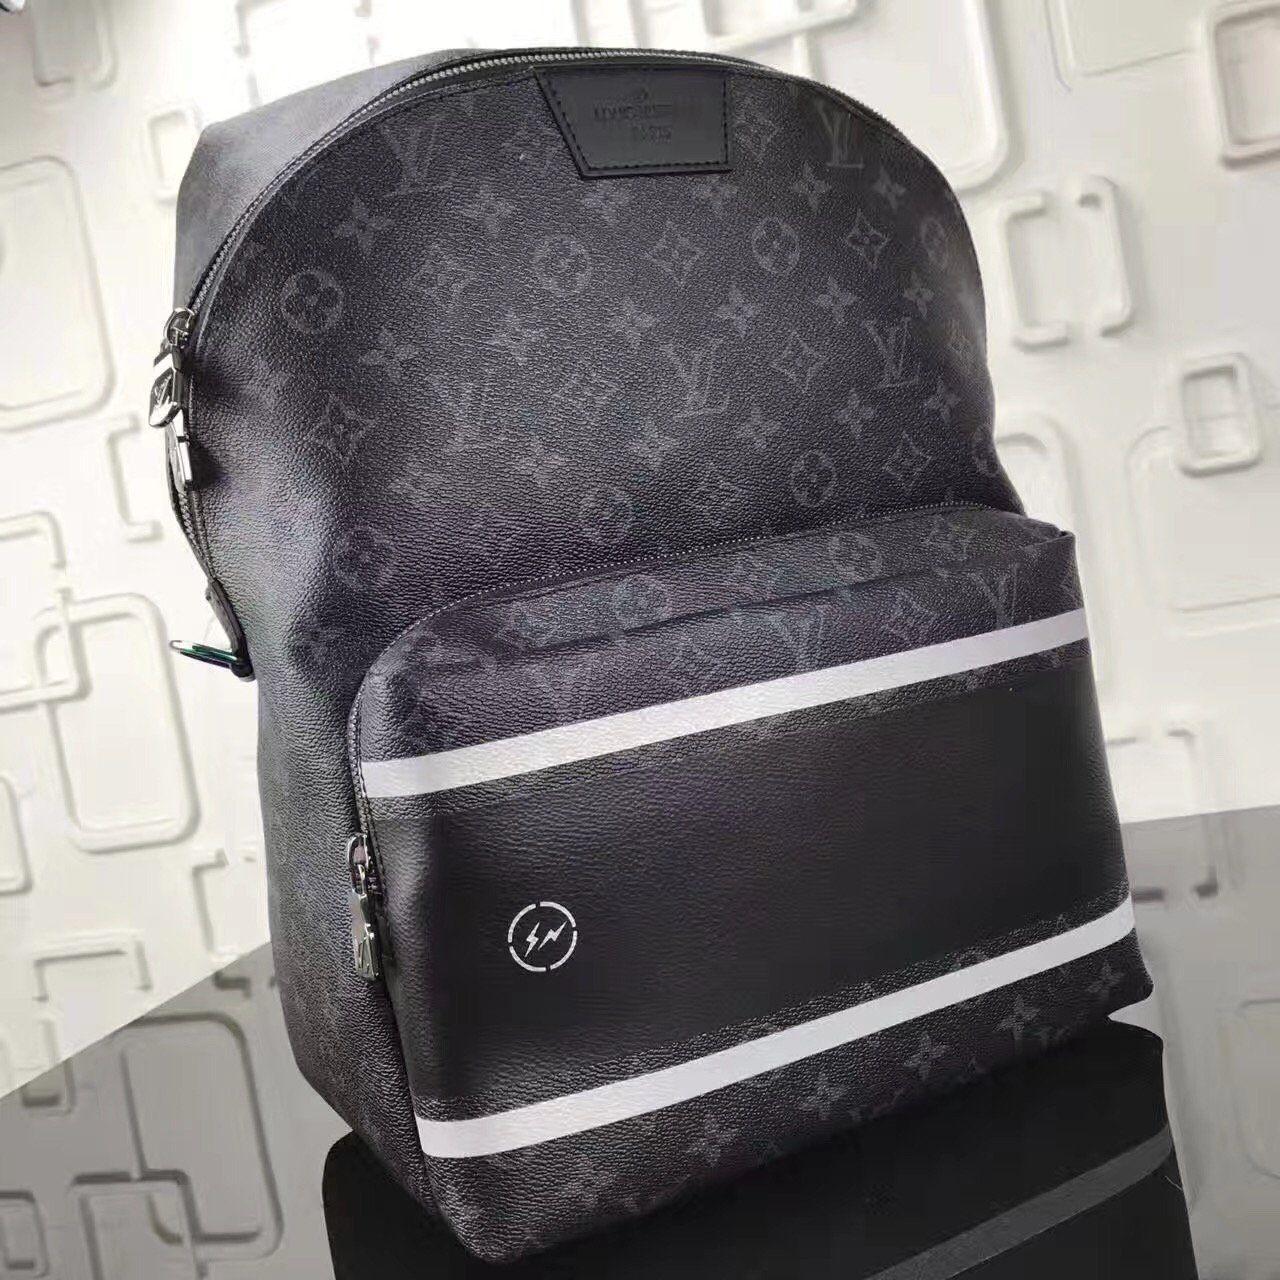 d722bbbce37 Louis Vuitton x Fragment Apollo Backpack Monogram Eclipse Black ...